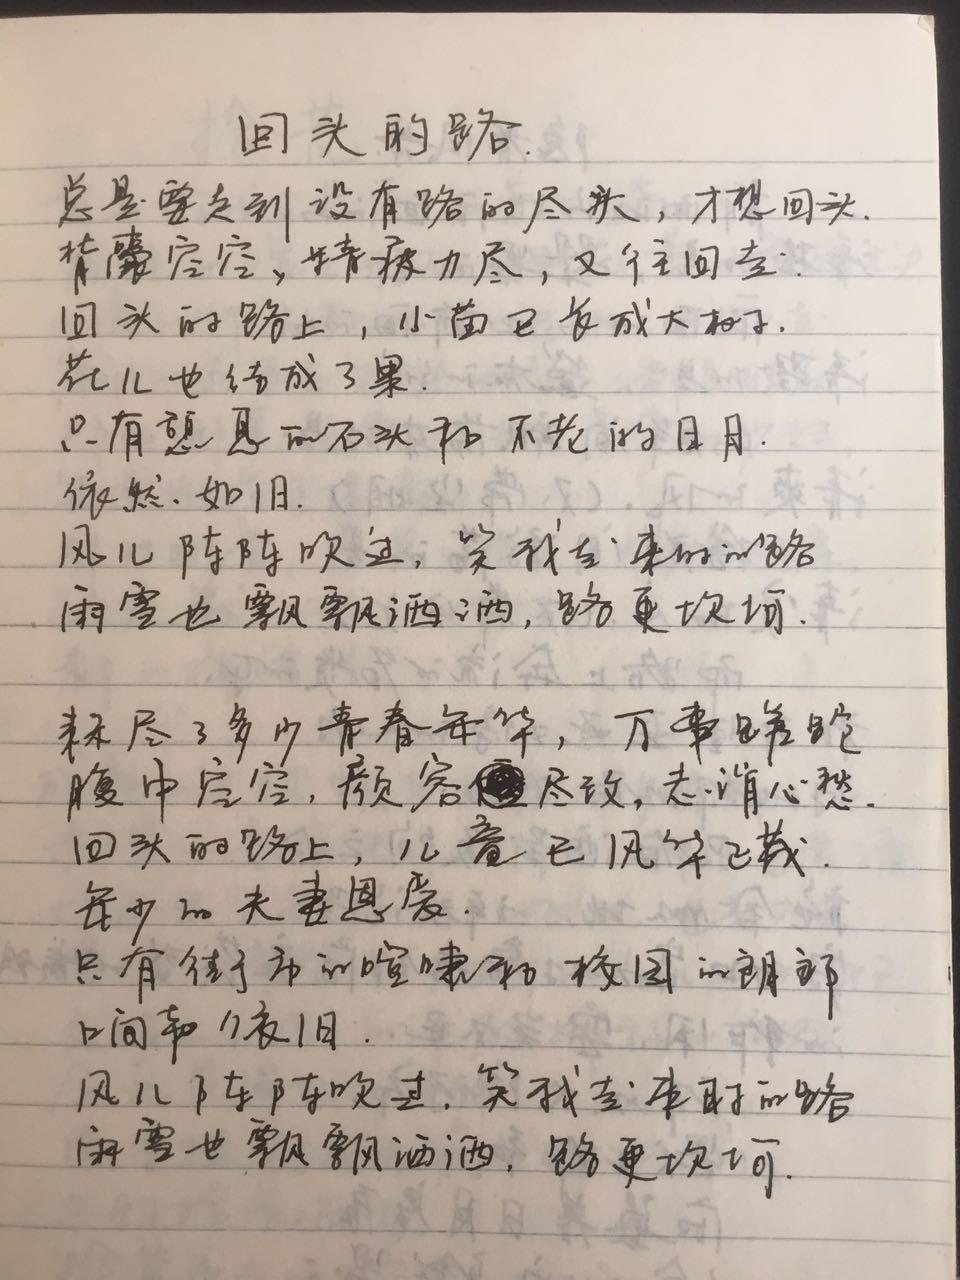 垂钓人生(连载)1: 独倚长剑走天涯之二